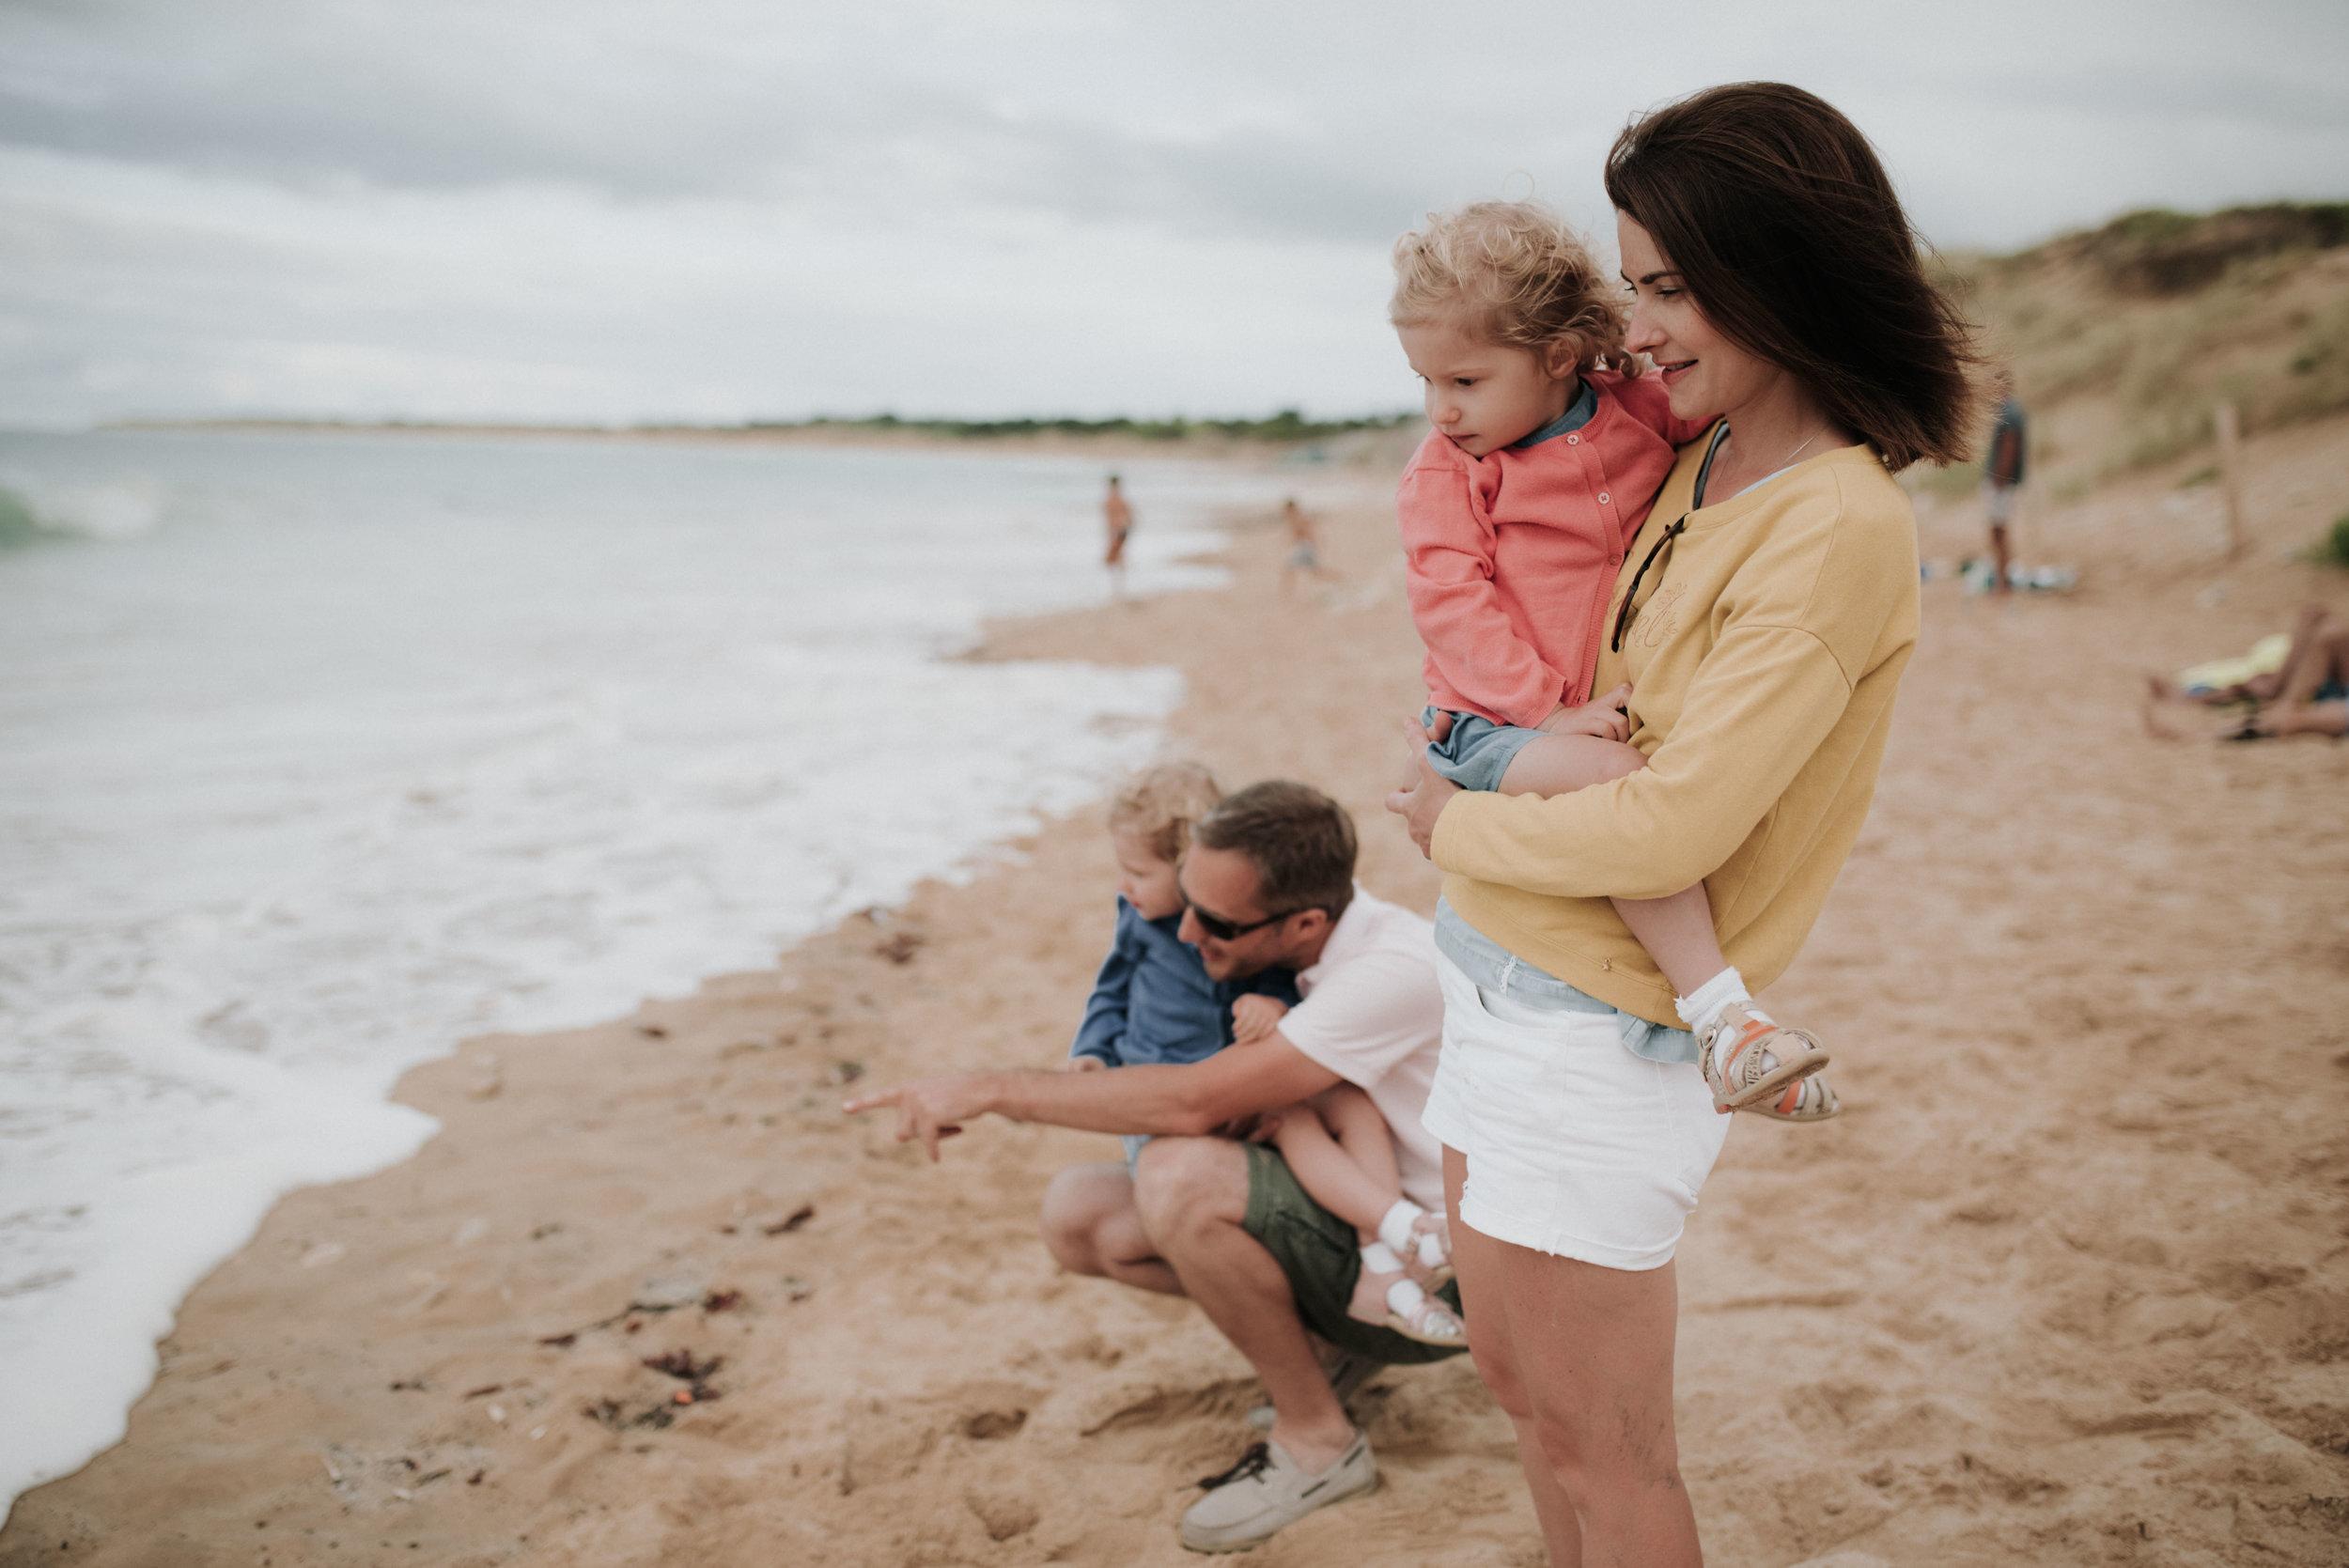 Léa-Fery-photographe-professionnel-lyon-rhone-alpes-portrait-creation-mariage-evenement-evenementiel-famille-2554.jpg